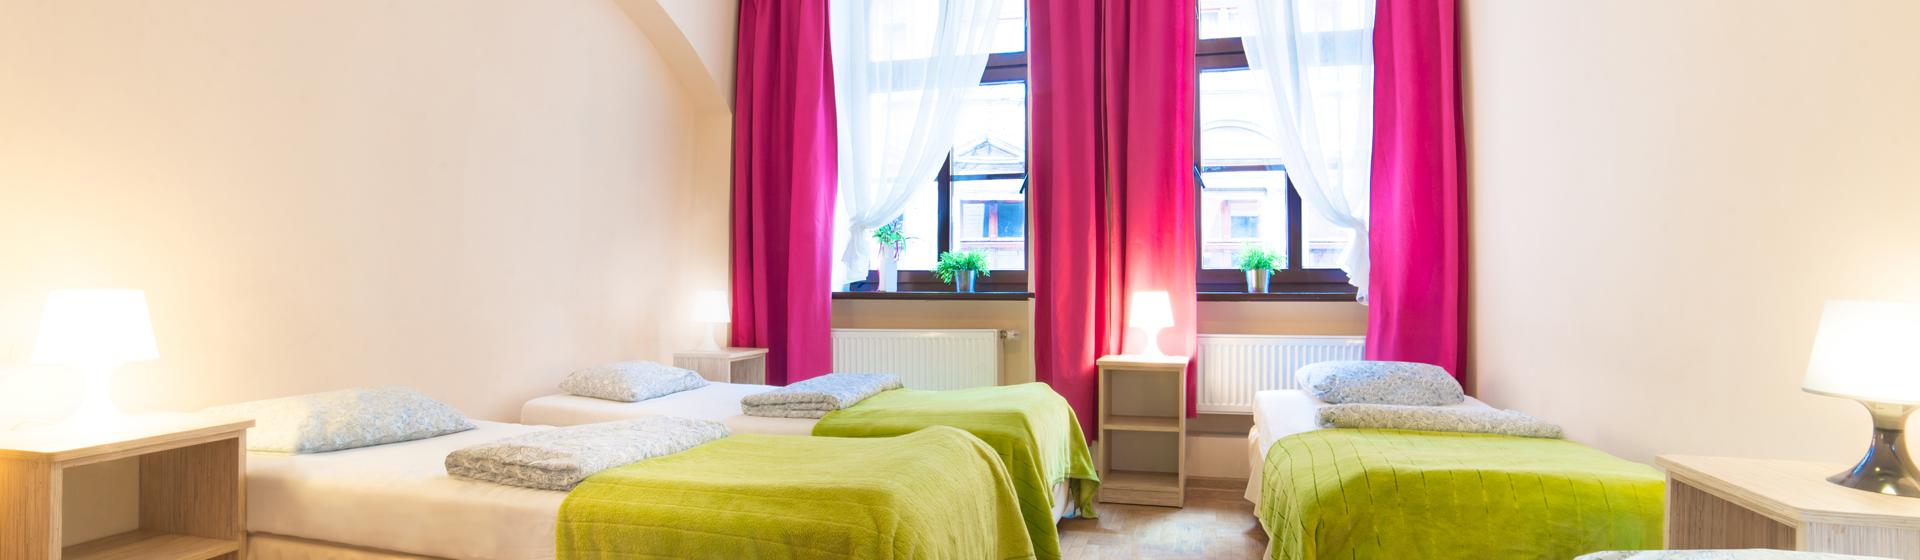 pokój 4 osobowy szewska greenhostel